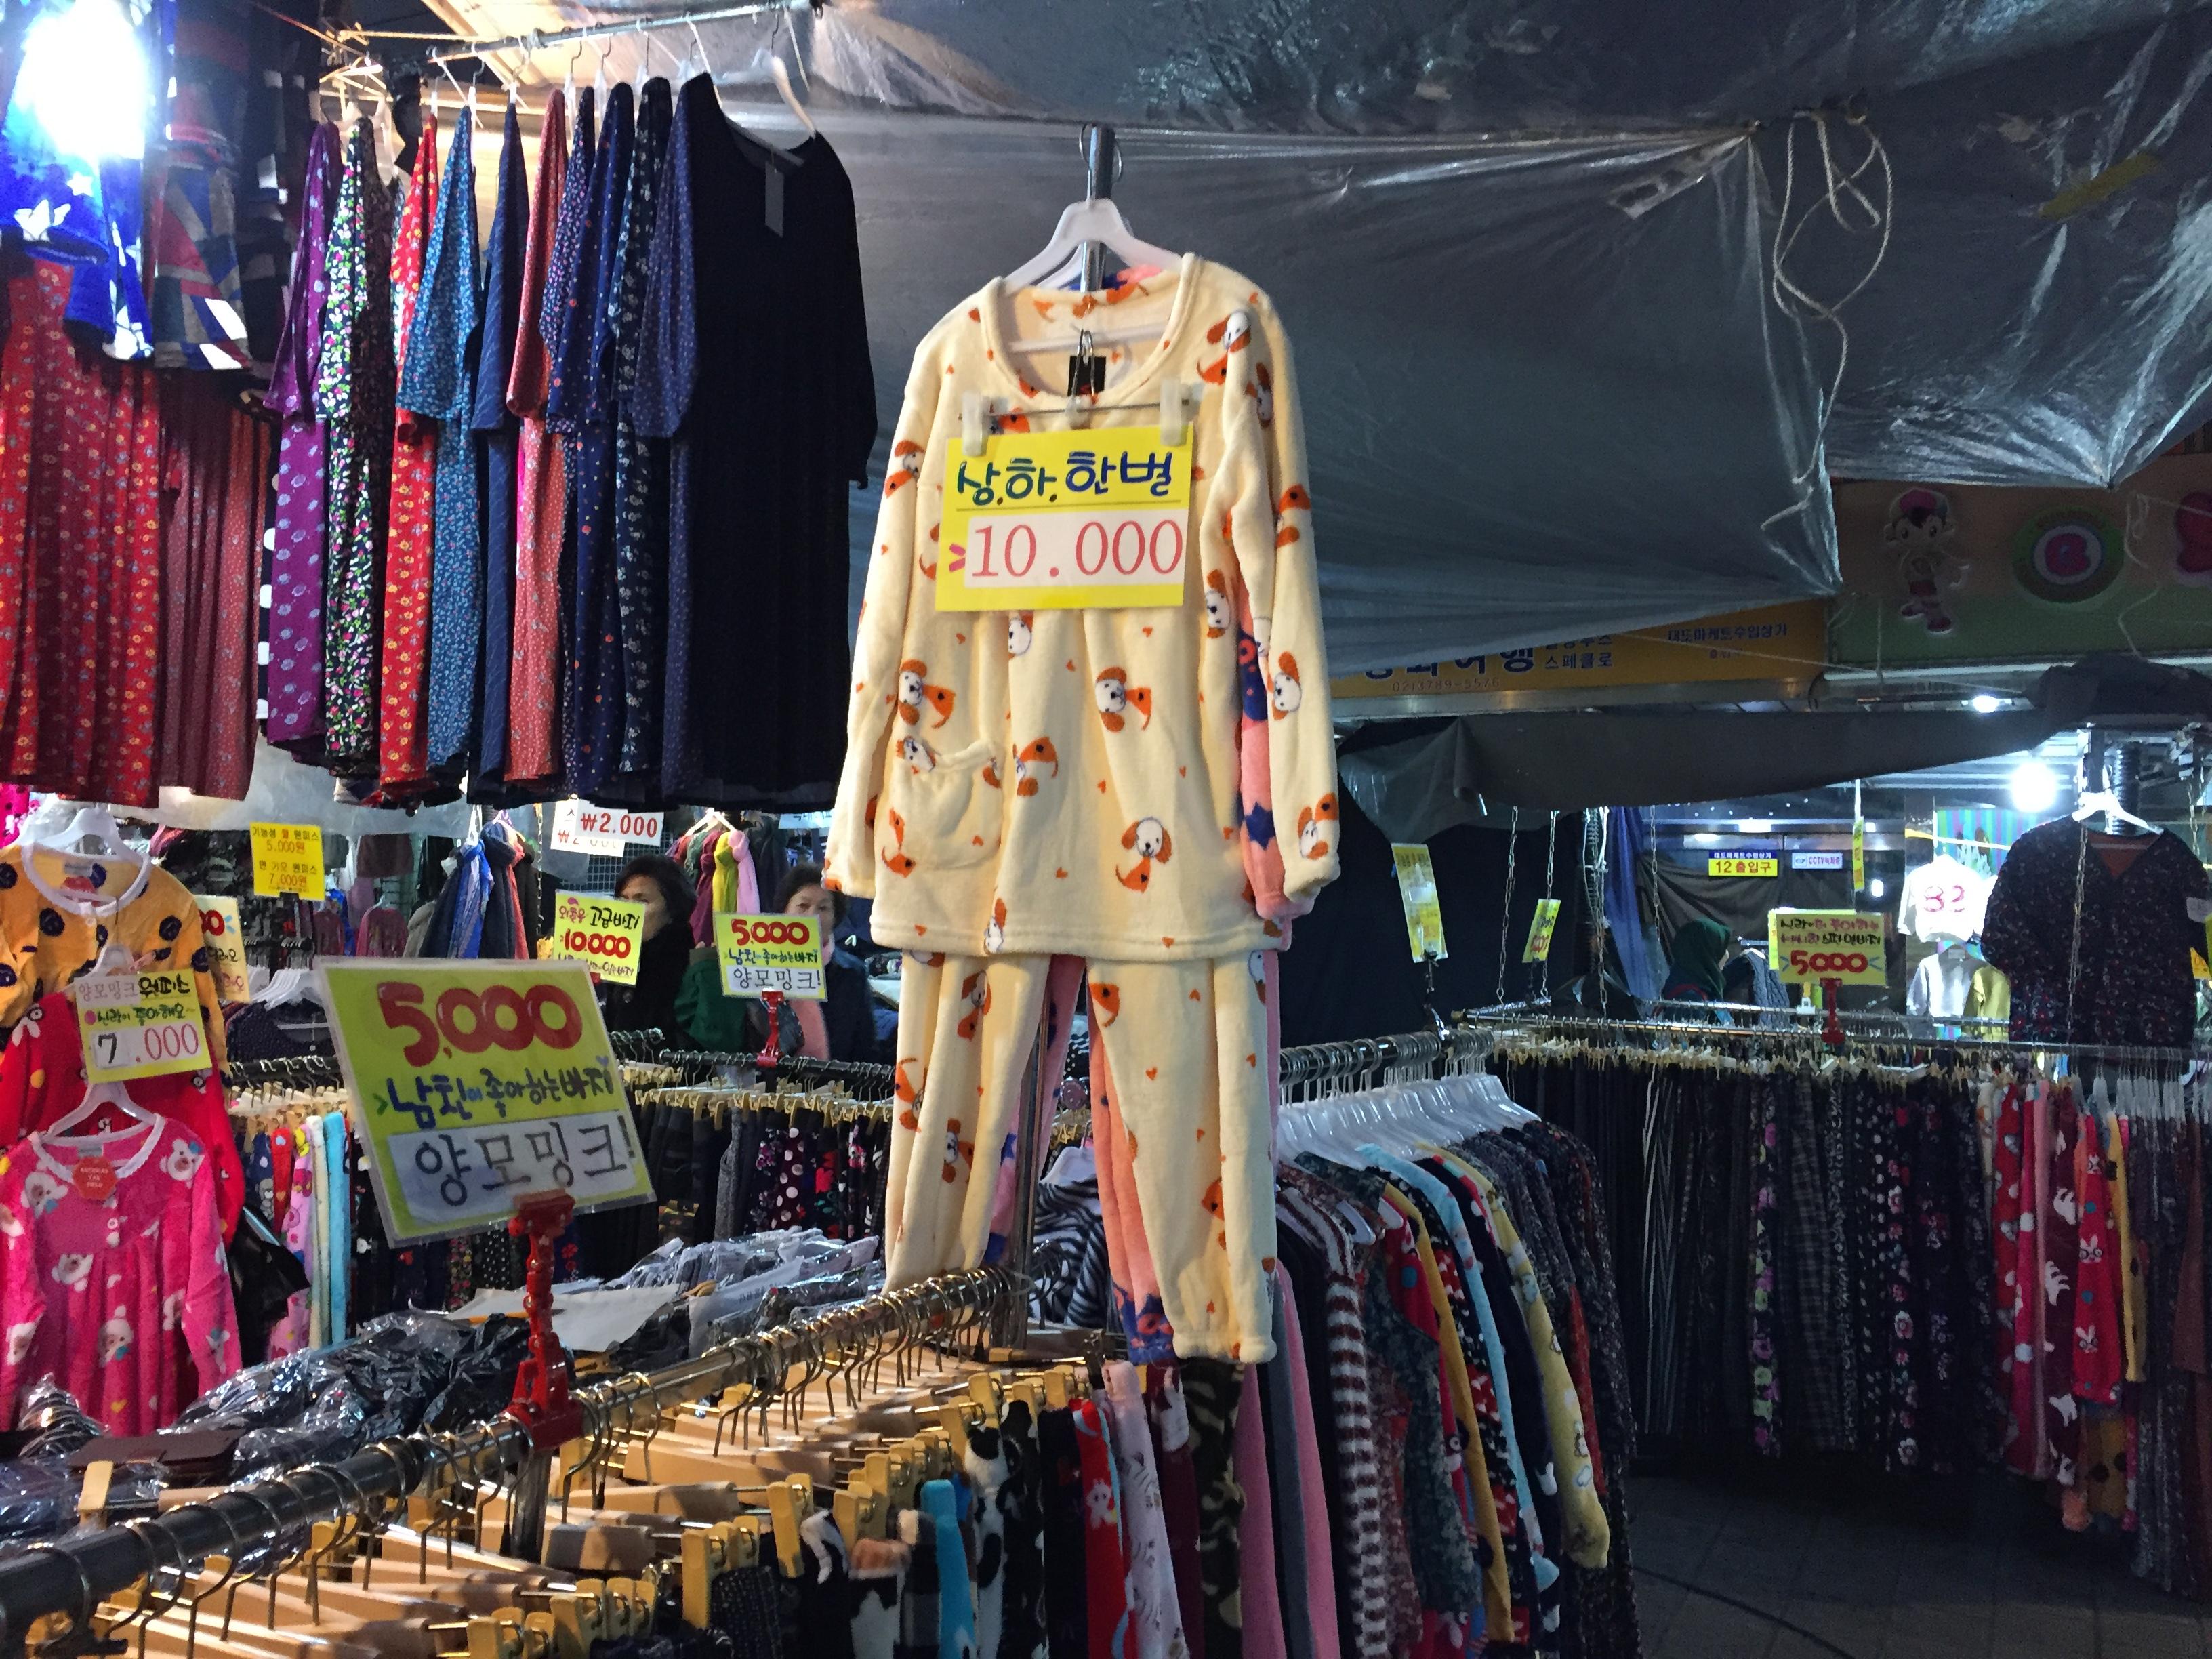 モコモコフクロウパジャマが10000ウォン。南大門市場